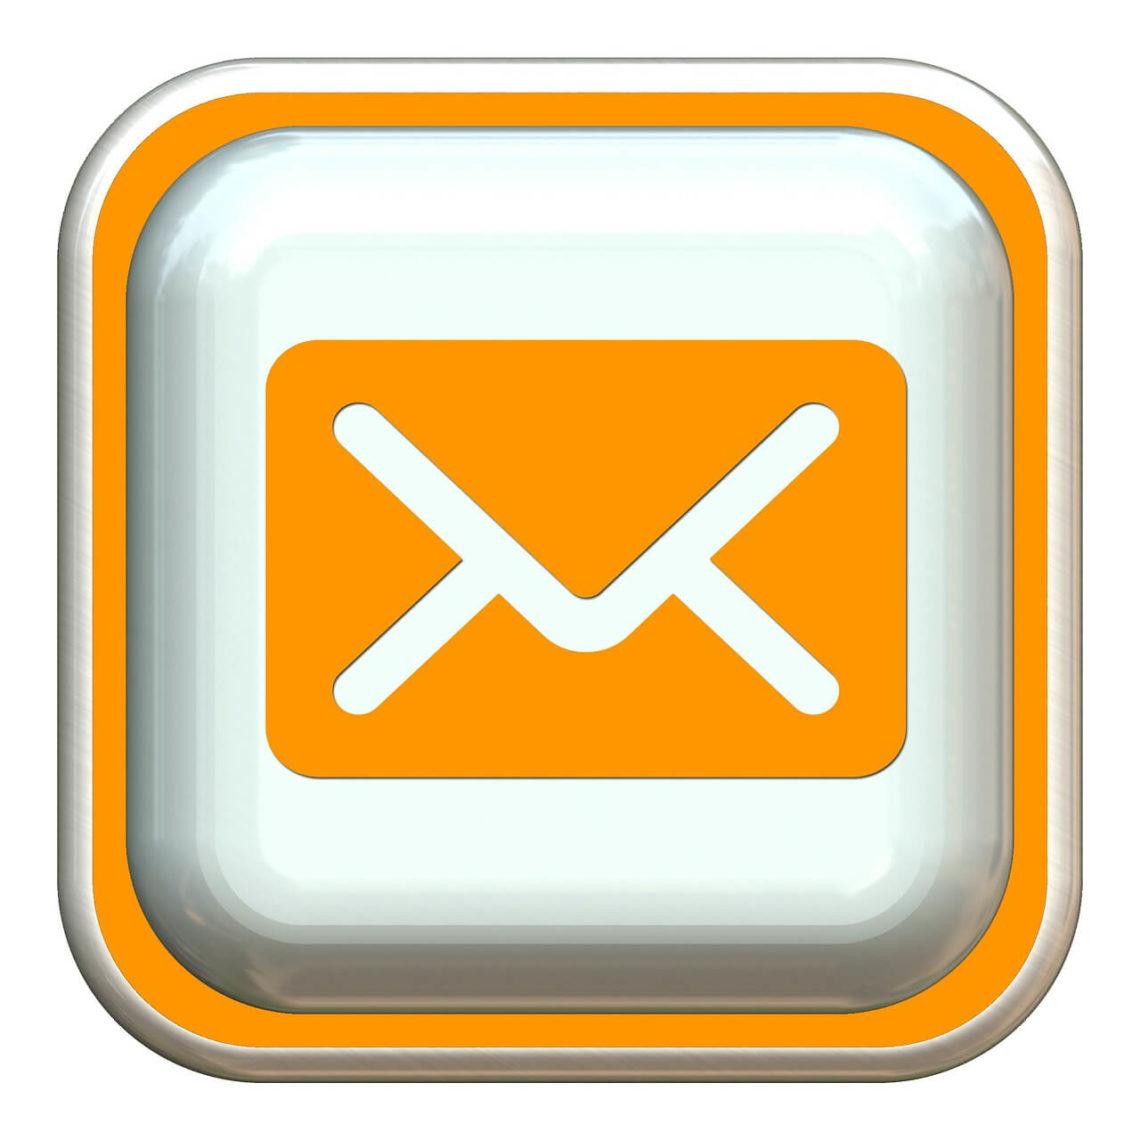 E-Mail Signatur erstellen: Gesetzliche Vorgaben und 7 Tipps